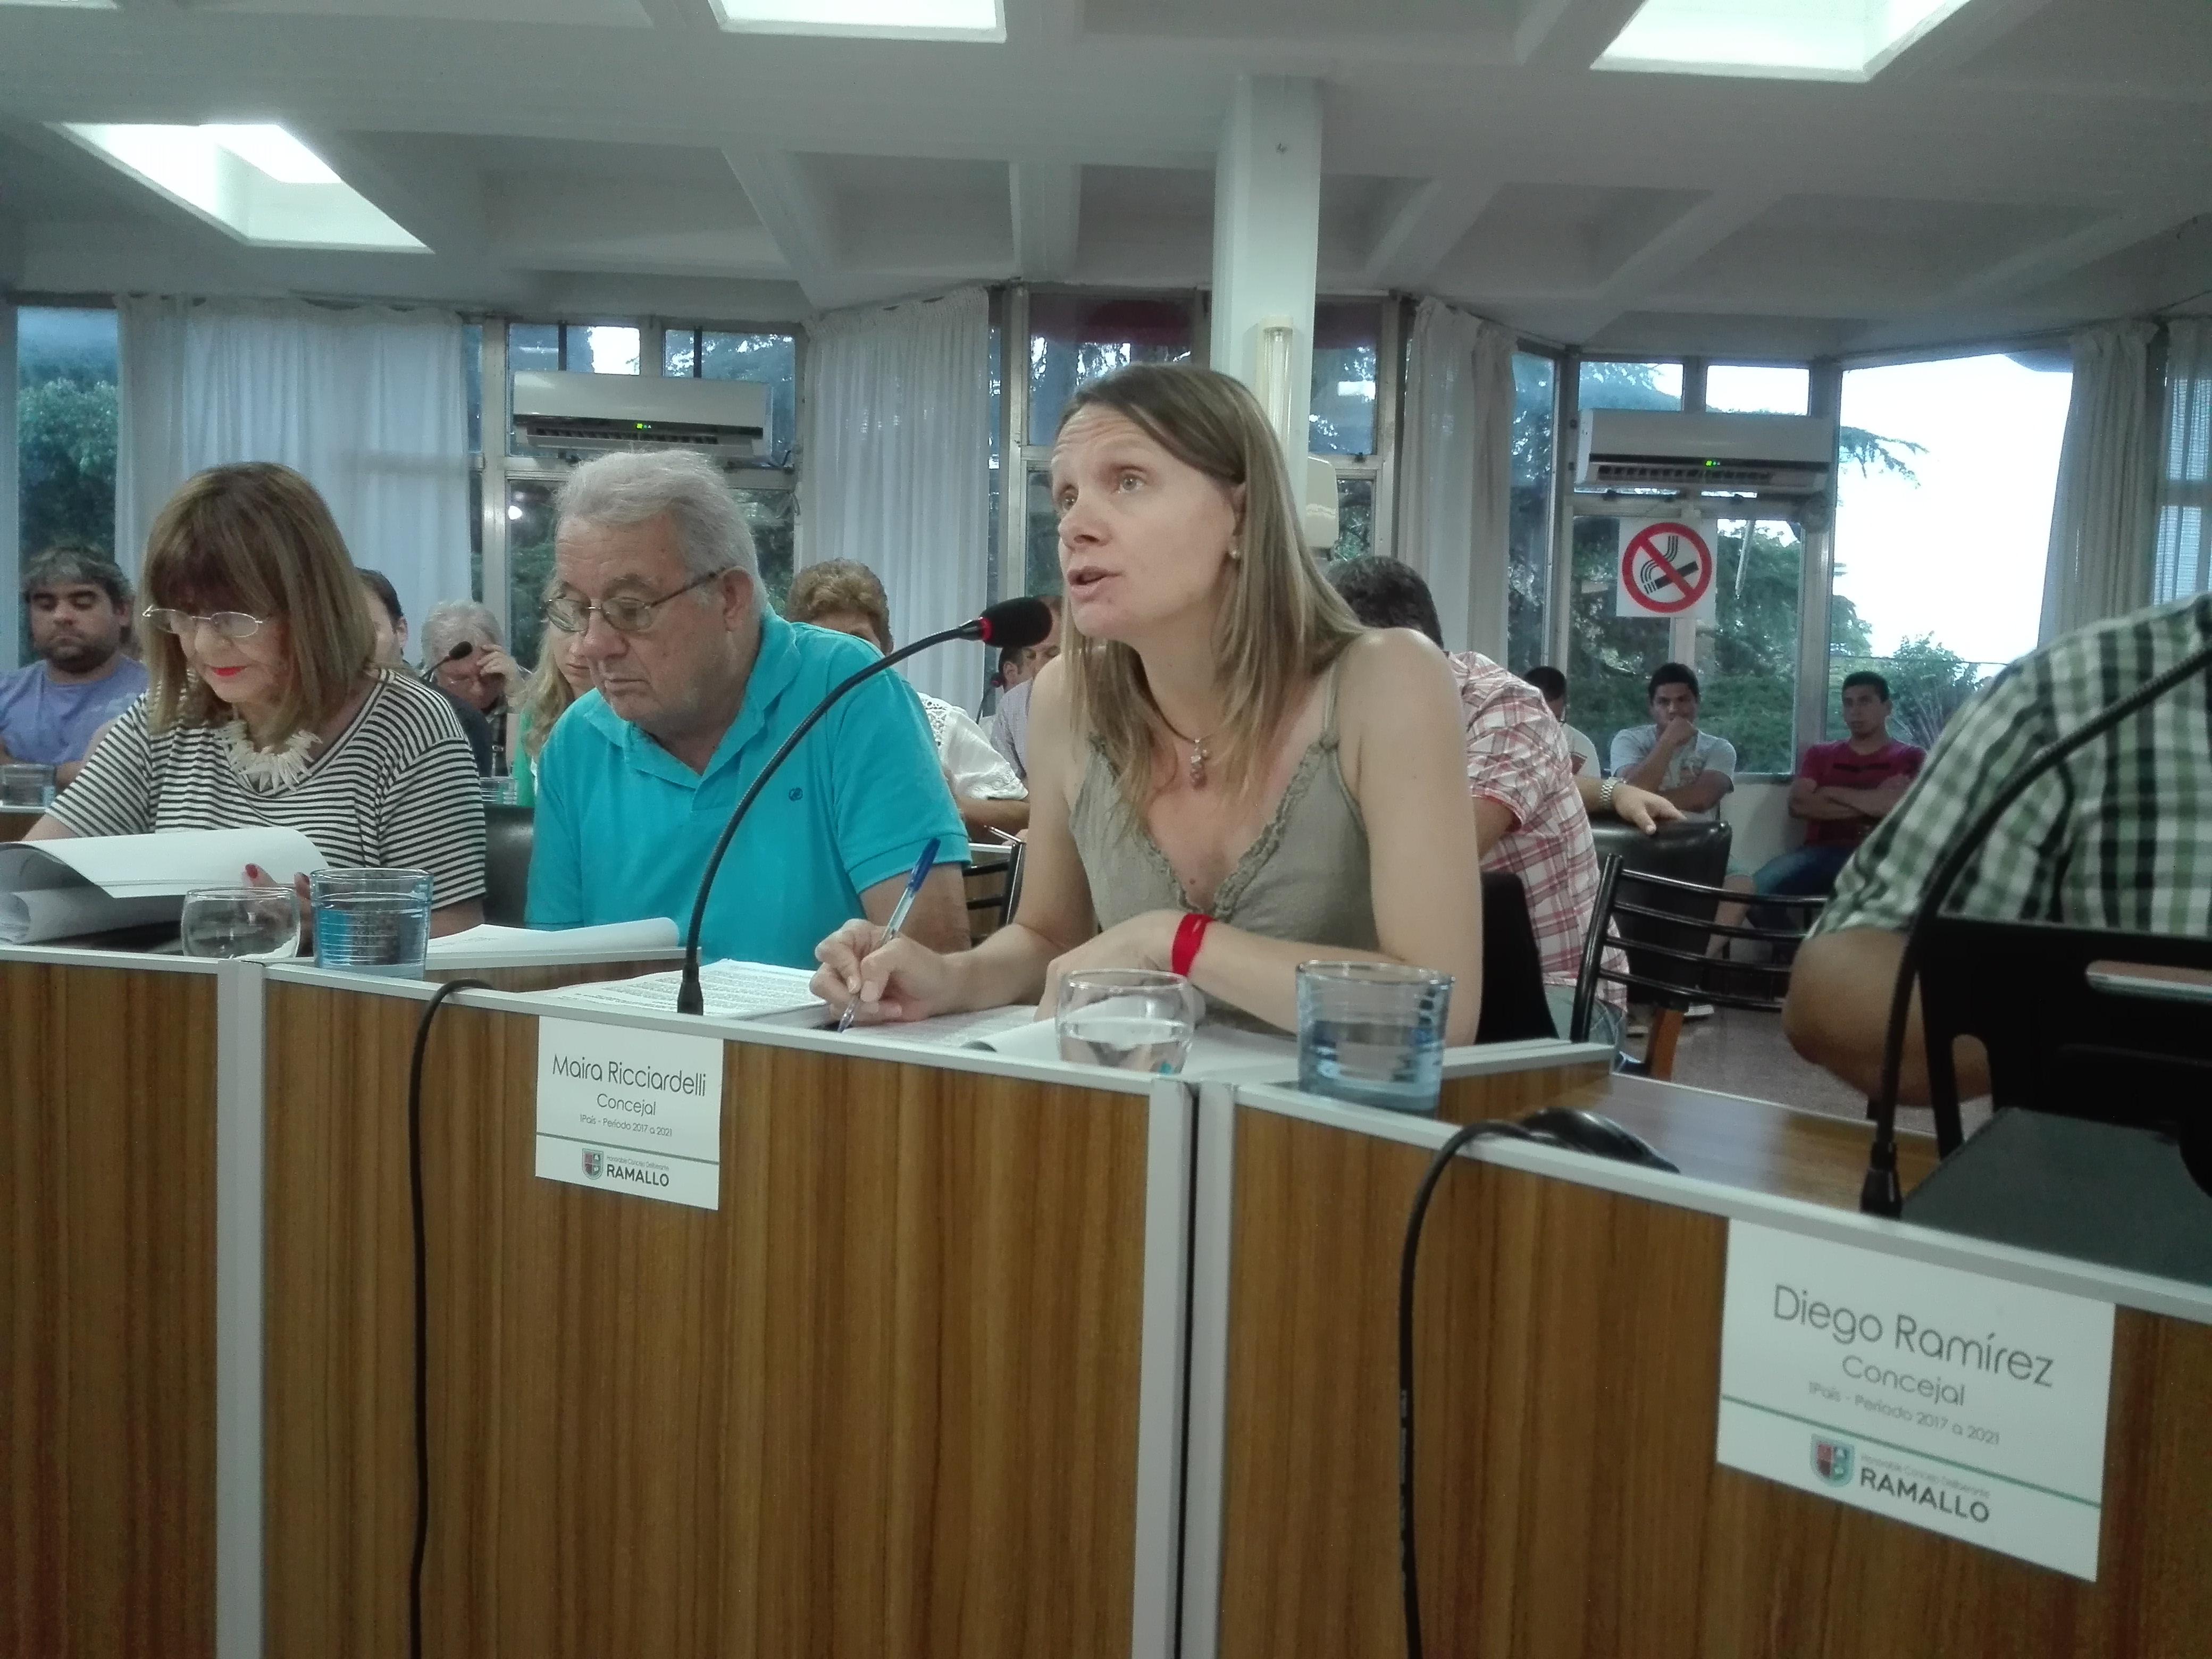 Ricciardelli 'Presentamos una resolución pidiéndole informes al Rector de la Universidad de Rosario por el proyecto Promas '